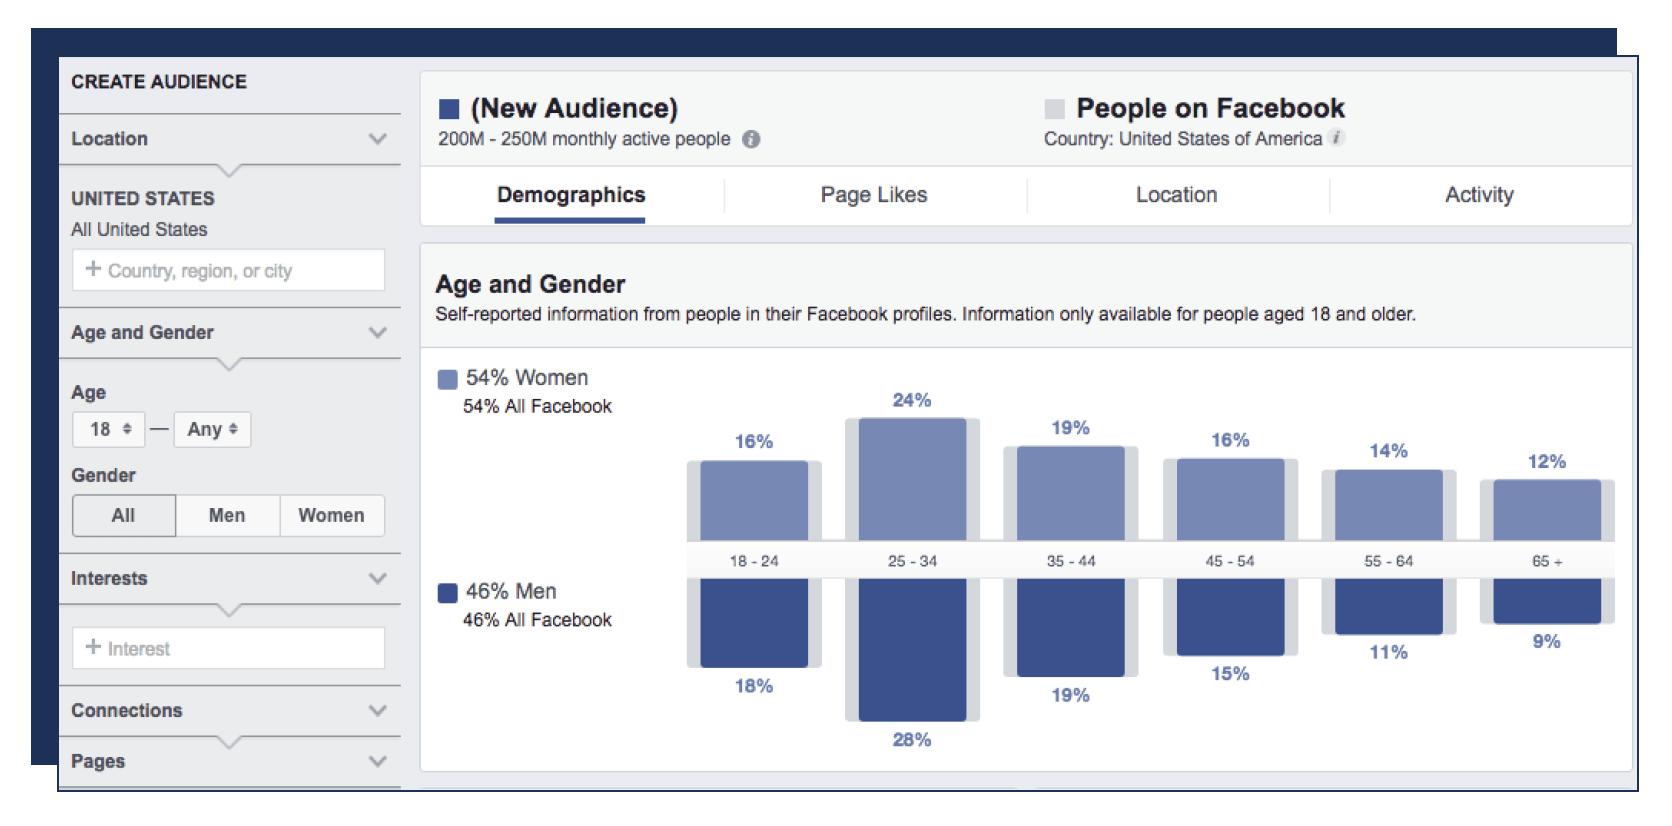 الدمج بين إعلانات جوجل وفيسبوك لزيادة التحويلات خلال رحلة العميل 6